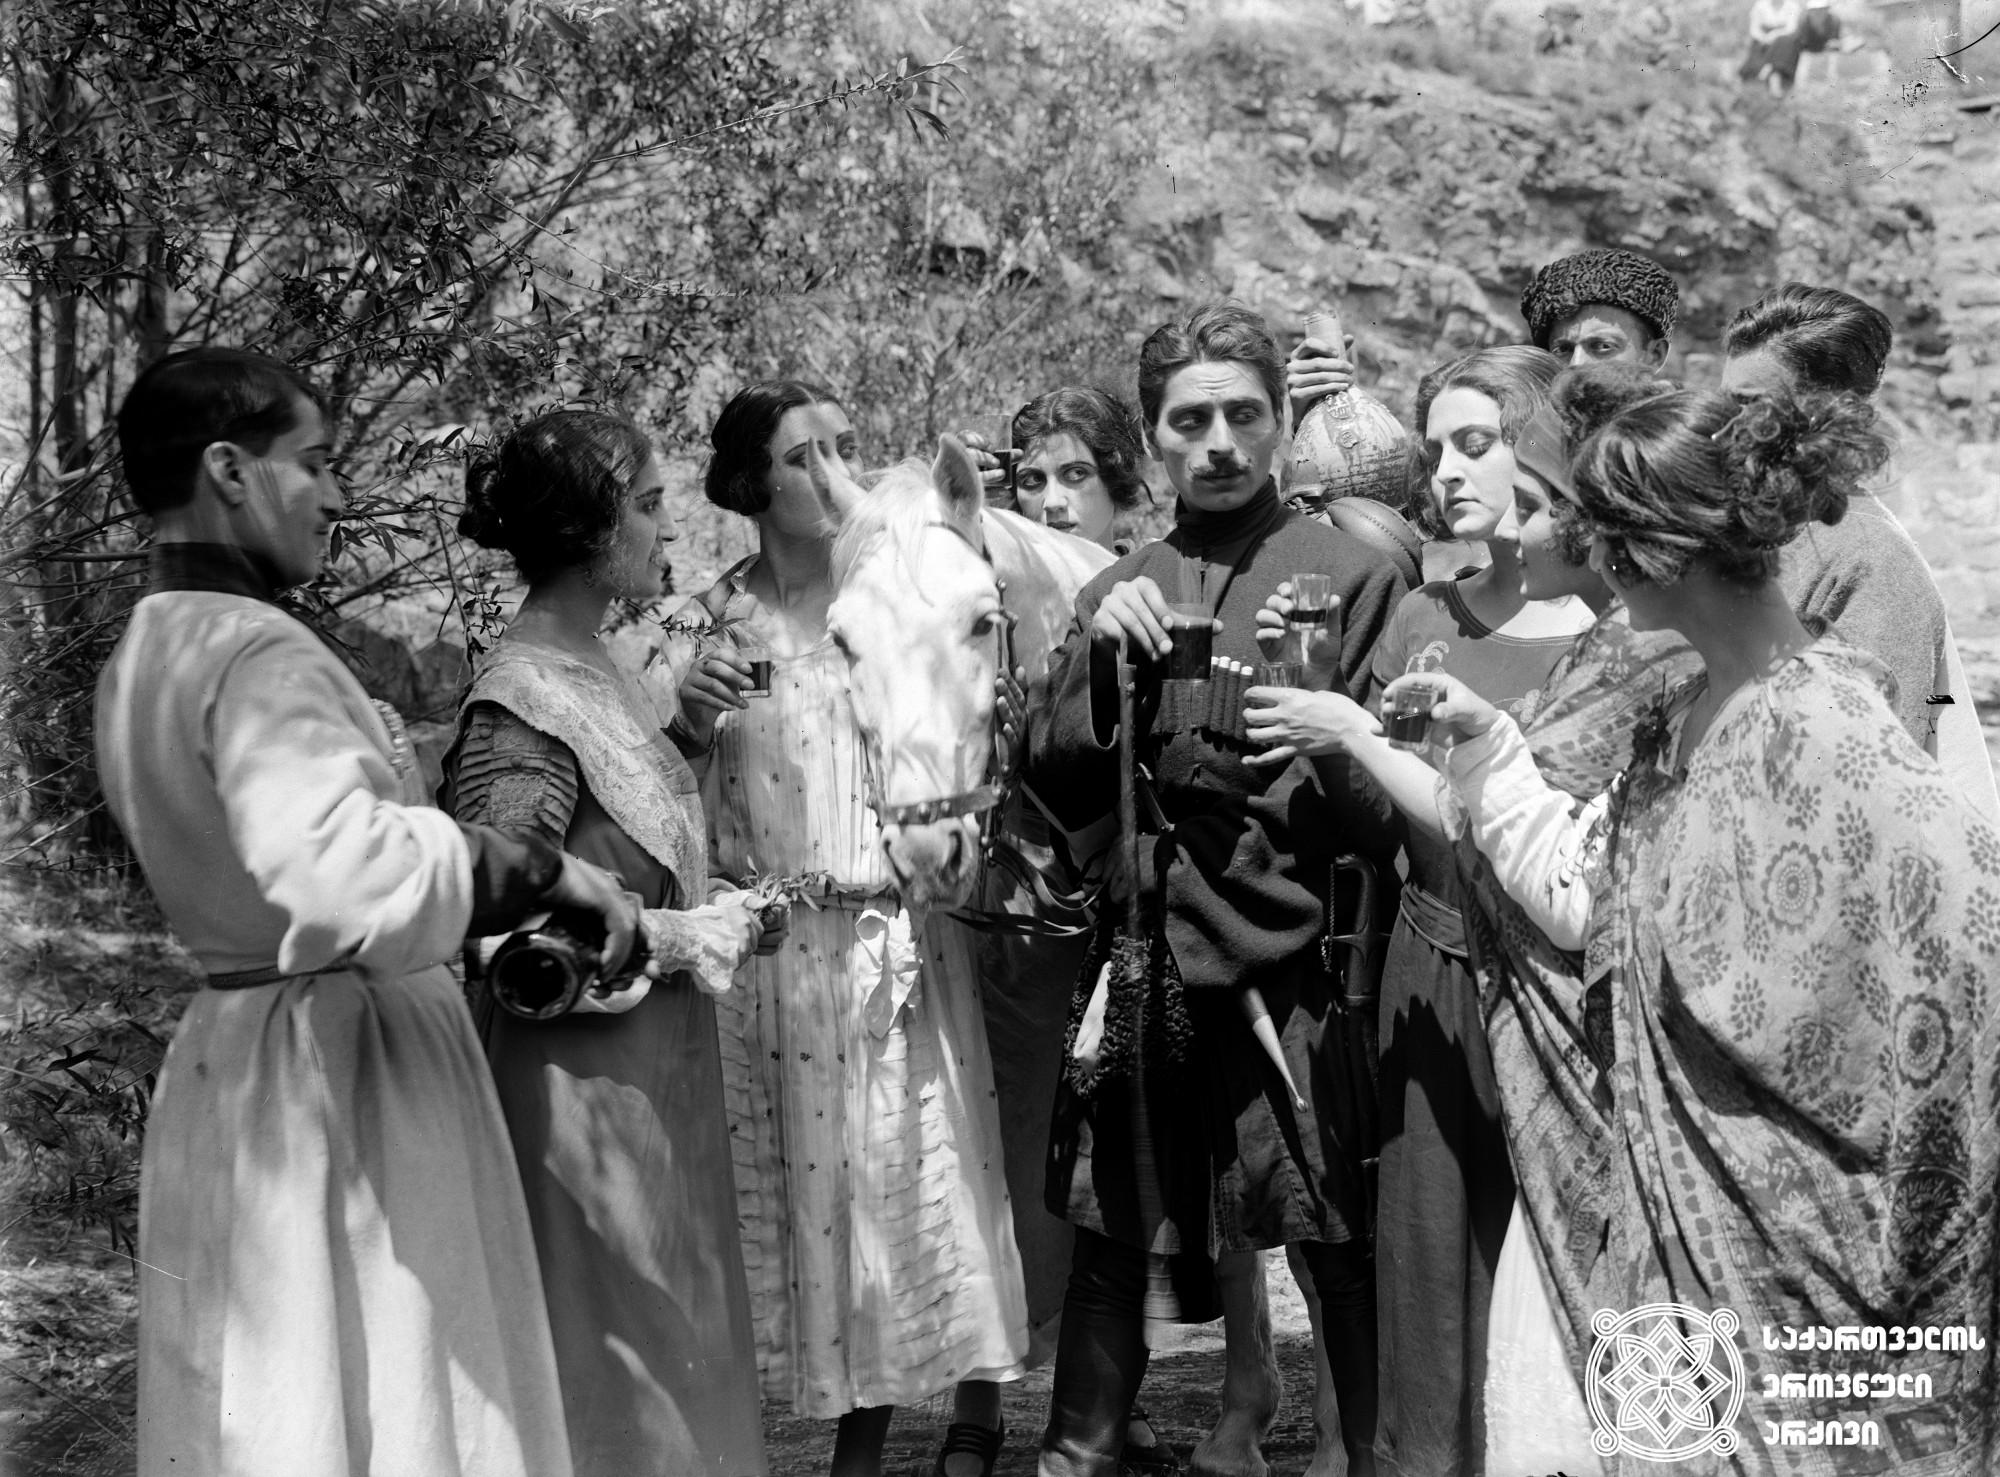 """""""ტარიელ მკლავაძის მკვლელობის საქმე"""". 1925. <br> რეჟისორი: ივანე პერესტიანი. <br> სცენარის ავტორი: შალვა დადიანი. ოპერატორი: ალექსანდრე დიღმელოვი. მხატვარი: სემიონ გუბინ-გუნი. <br>  გადაღებულია ეგნატე ნინოშვილის მოთხრობა """"ჩვენი ქვეყნის რაინდის"""" მიხედვით. <br> Tariel Mklavadzis Mkvlelobis Sakme (The Case of Tariel Mklavadze). 1925. <br>  Director: Ivan Perestiani. <br> Screenwriter: Shalva Dadiani. Camera operator: Alexander Dighmelov.  Production designer: Seimon Gubin-gun. <br> Filmed according to Egnate Ninoshvili's story The Hero of Our Country."""